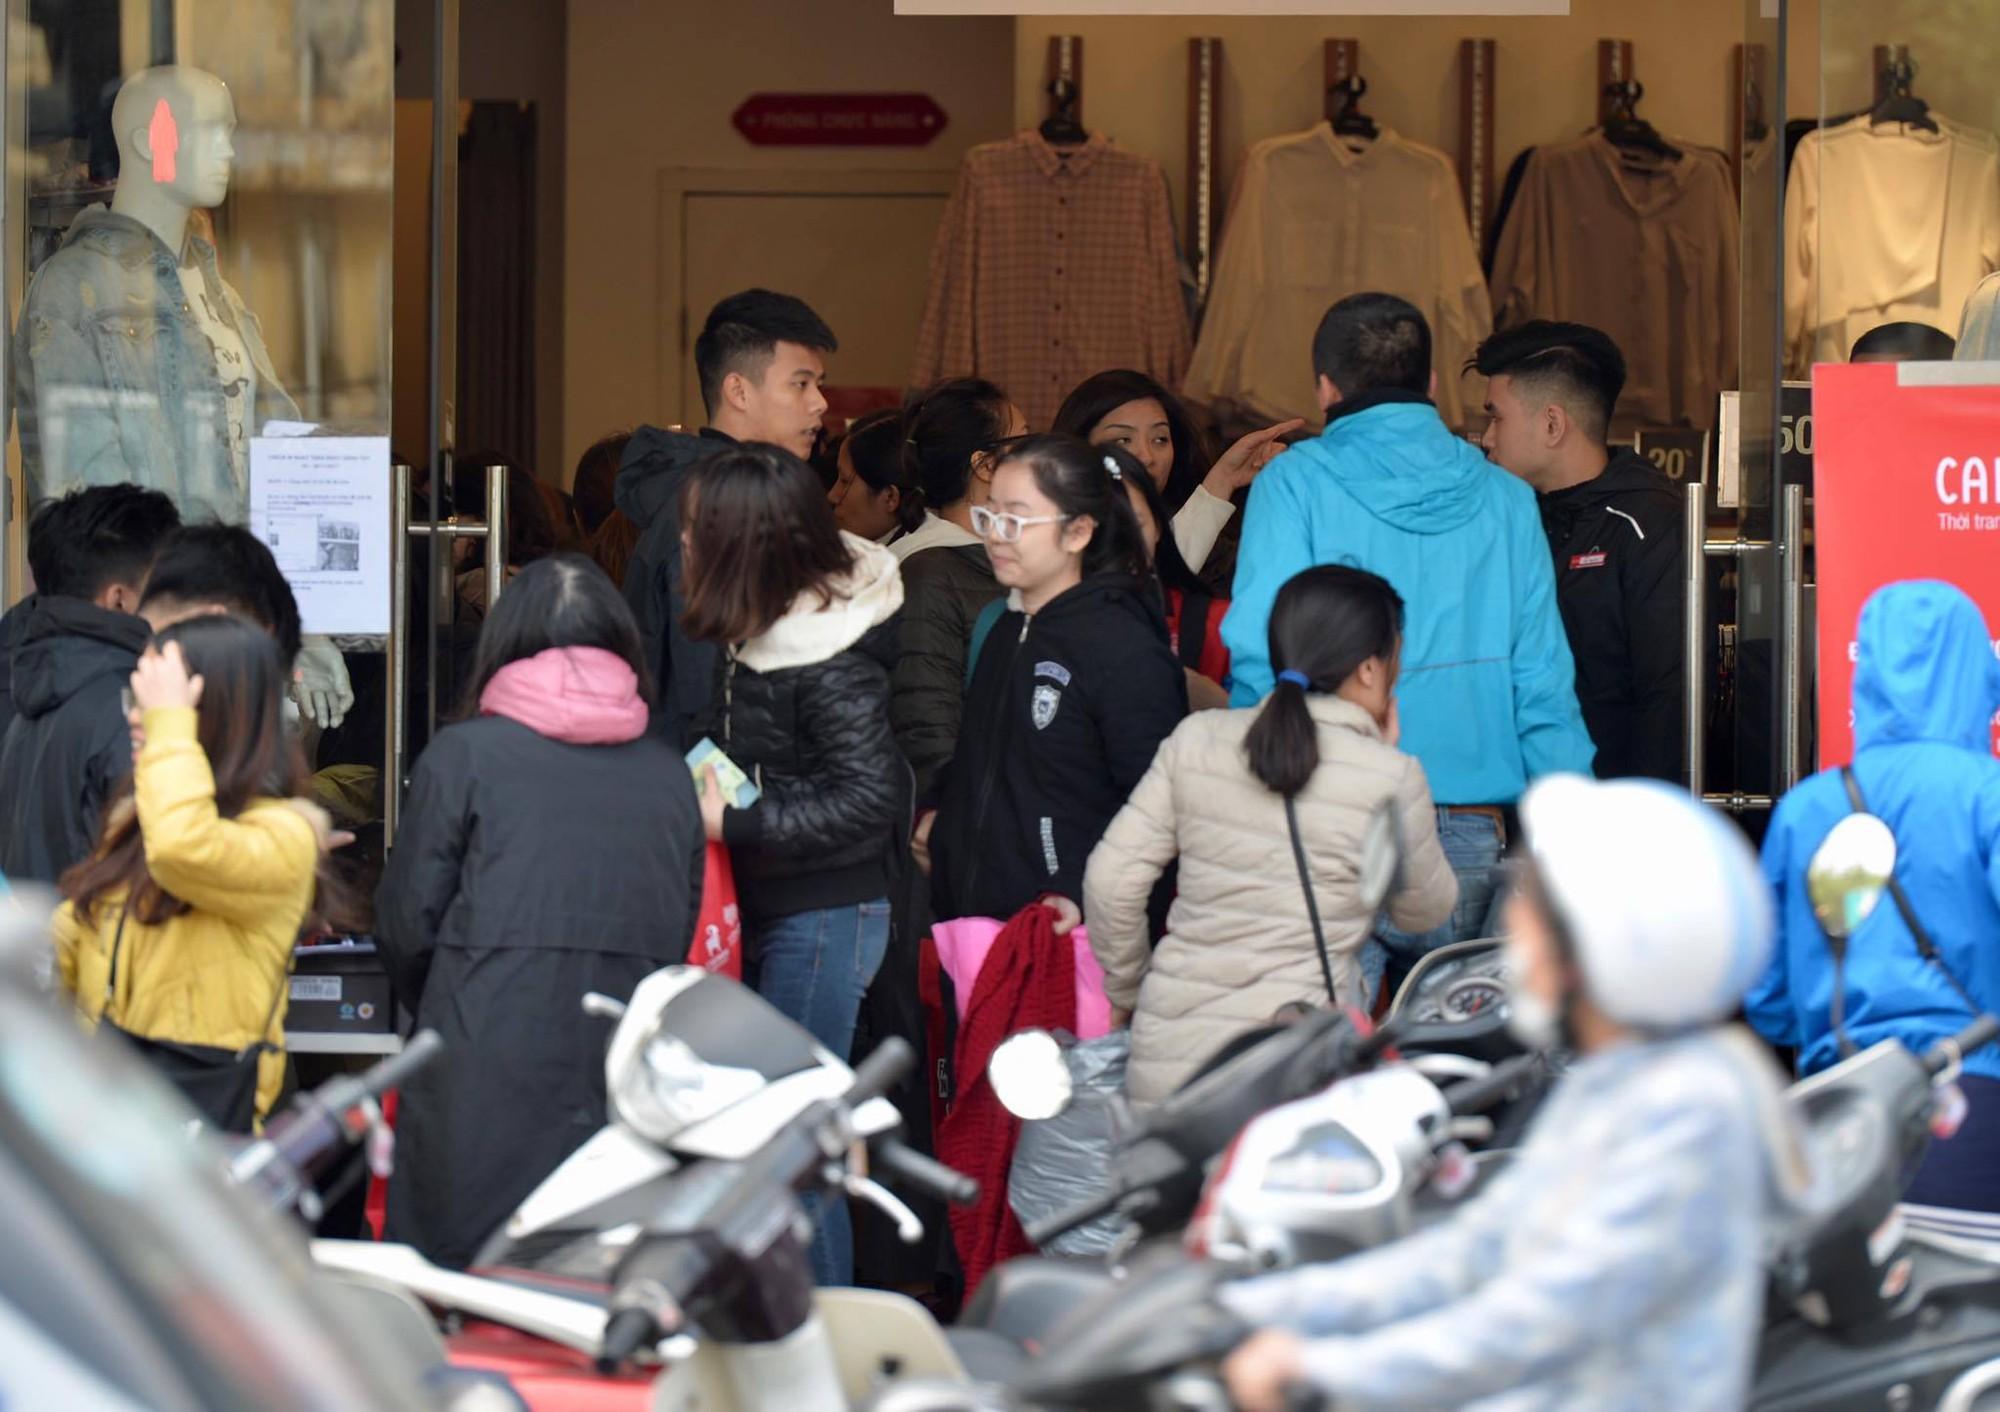 Biển người Hà Nội, Sài Gòn đổ về trung tâm thương mại, khu phố thời trang để săn đồ Black Friday - Ảnh 10.